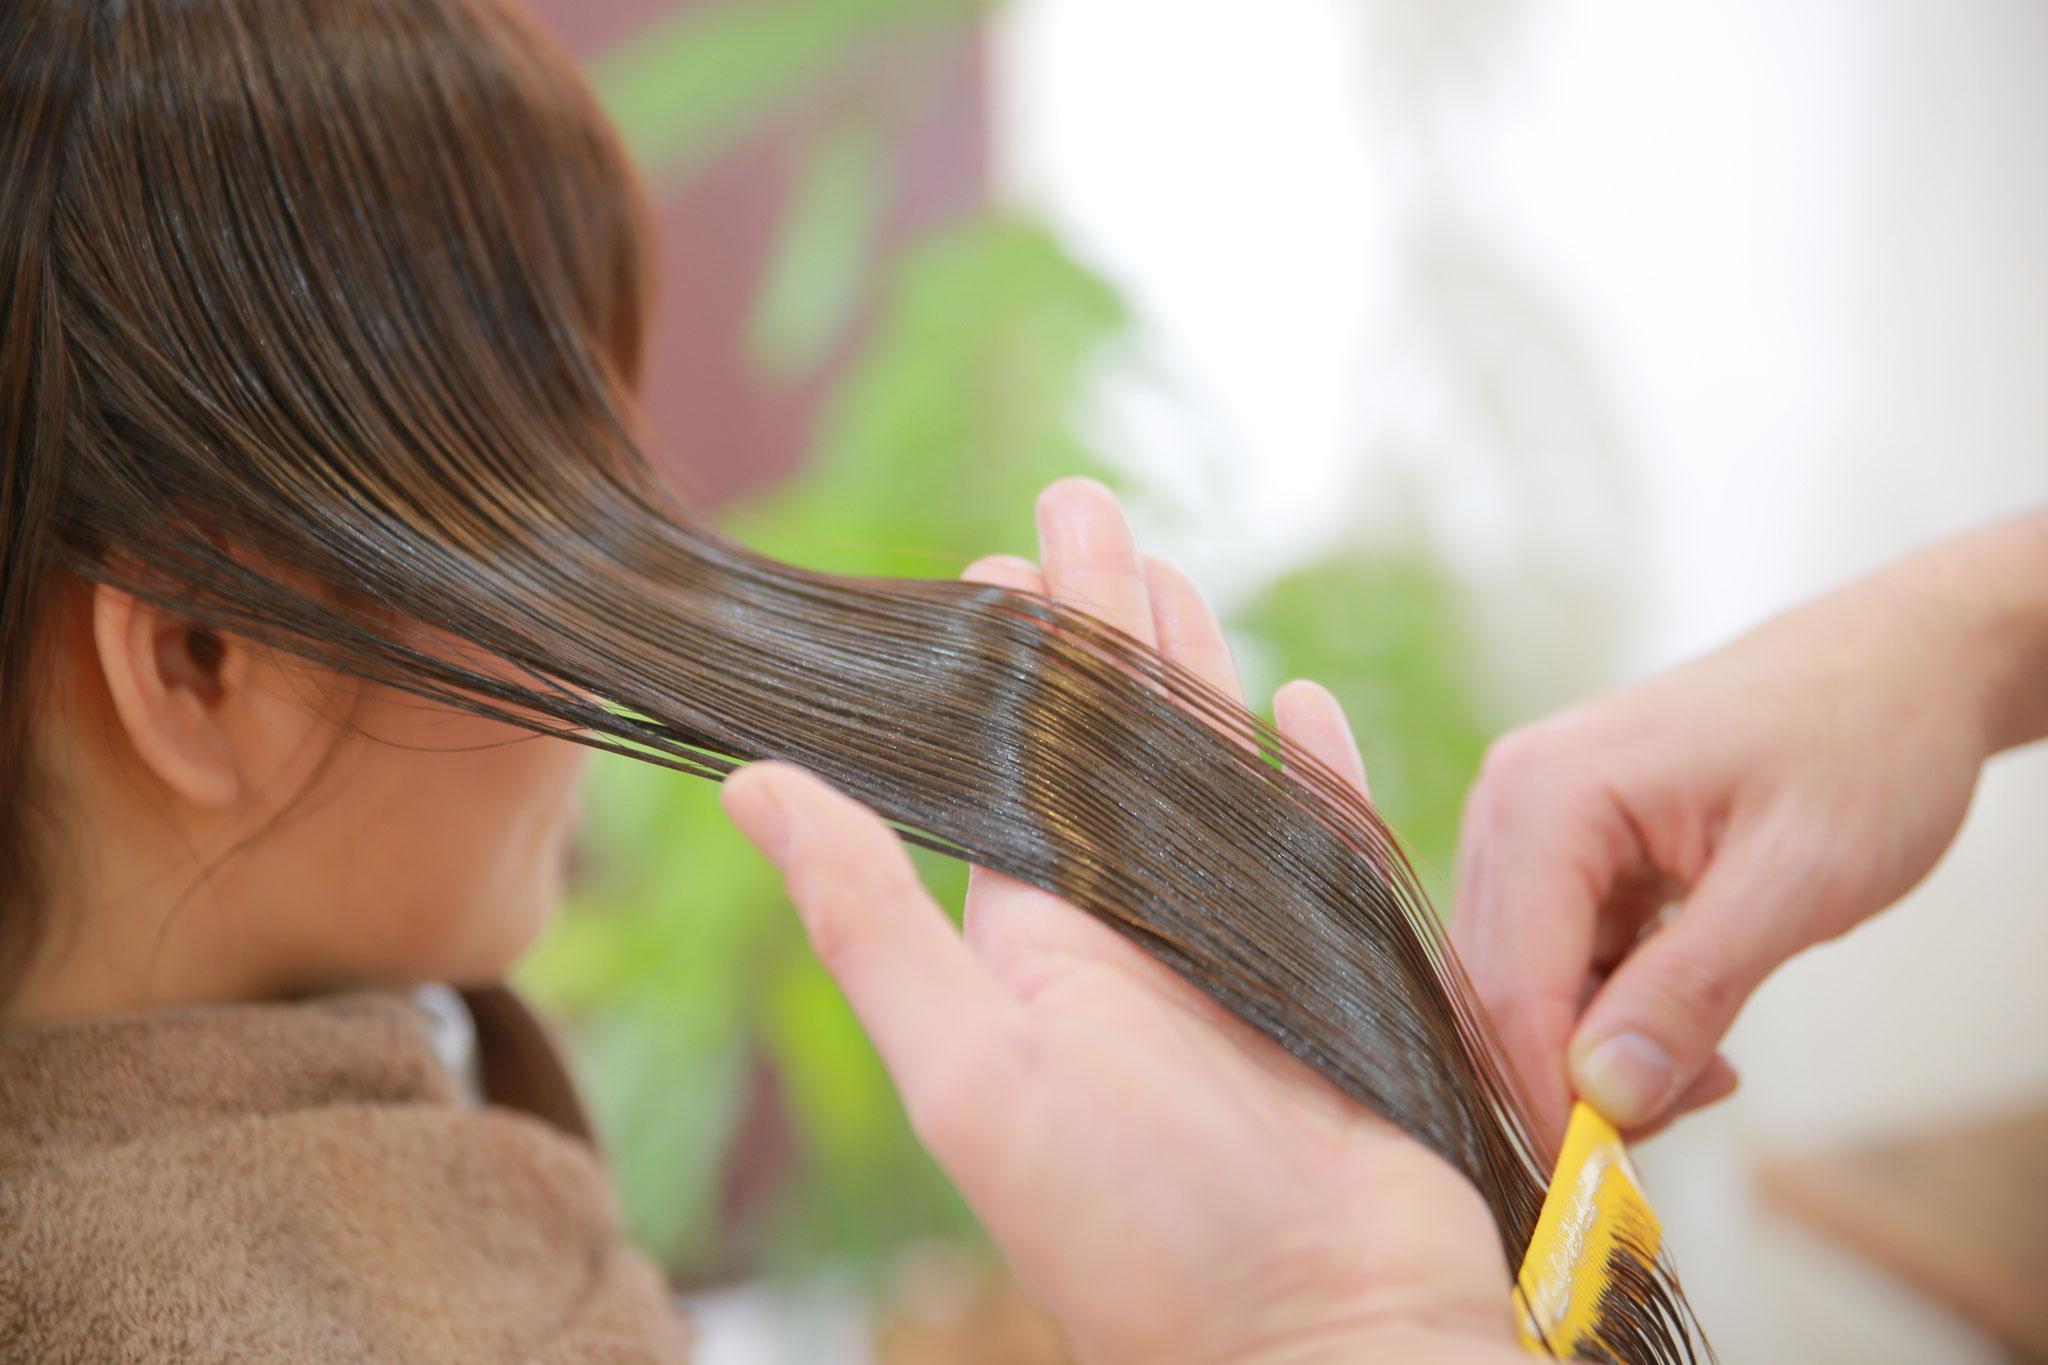 手順2:スタイリストが髪にあったトリートメントを配合して塗布